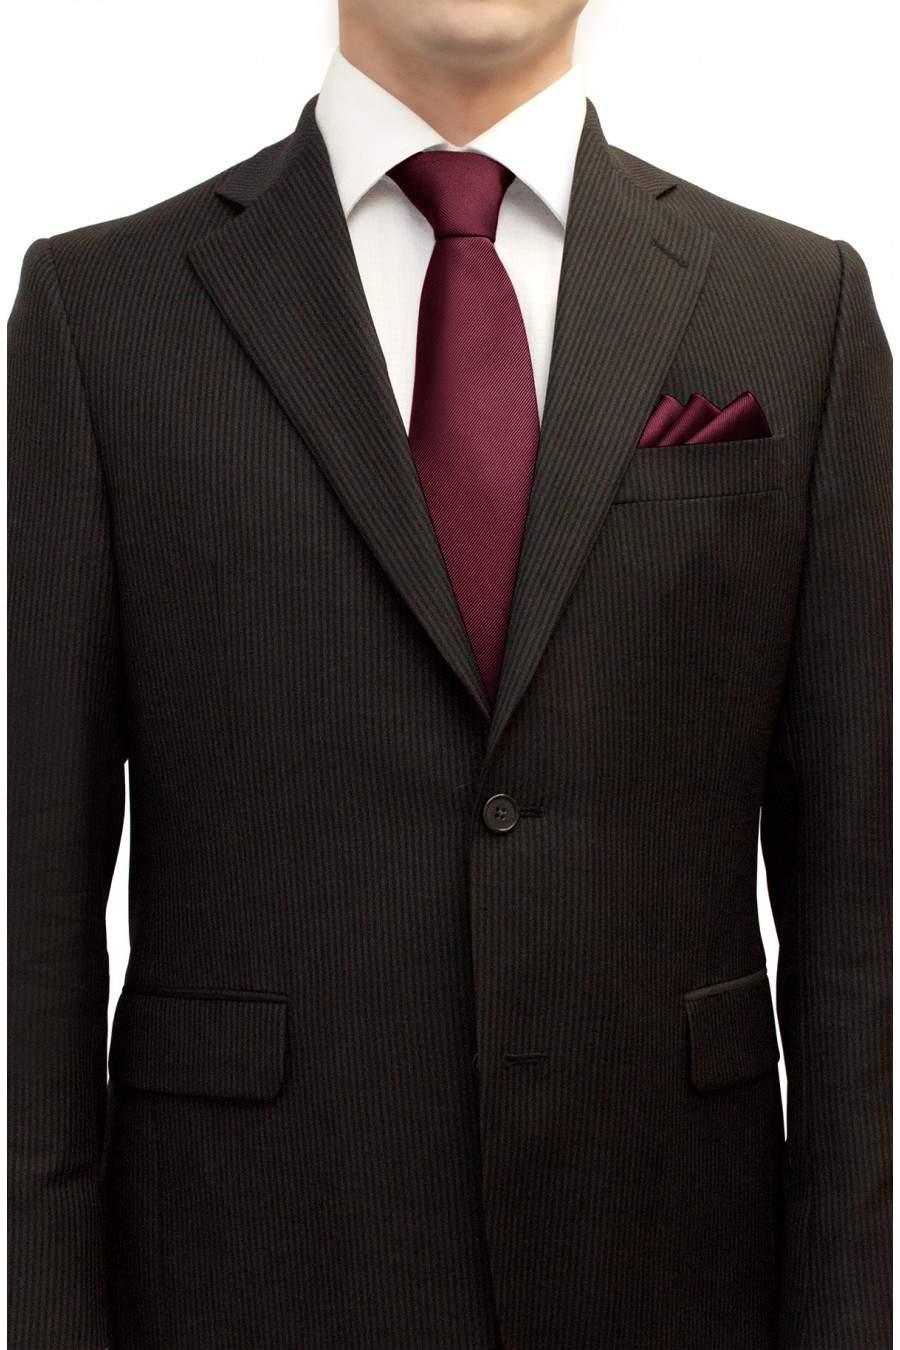 スーツ姿がかっこいい男は「毎日」かっこいい。 常にかっこいい男であり続けるためのスーツ着こなし  4番目の画像